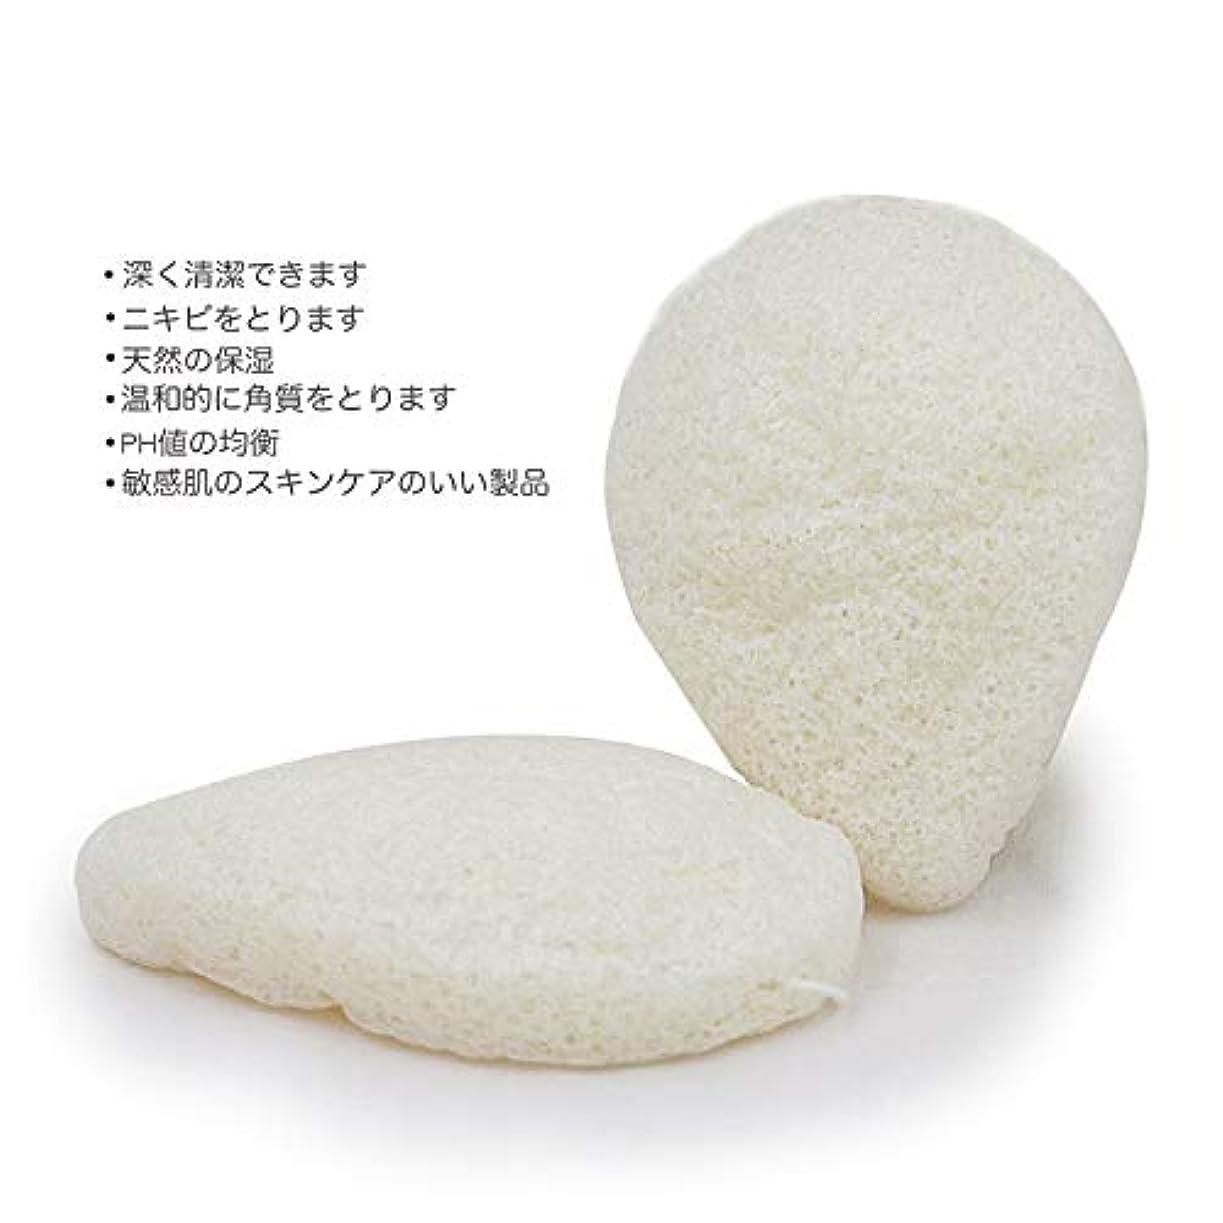 摂氏度専門化するアヒルNEWGO【こんにゃくスポンジ】蒟蒻洗顔用 マッサージクリーニング 100% 天然こんにゃくパフ 乳白